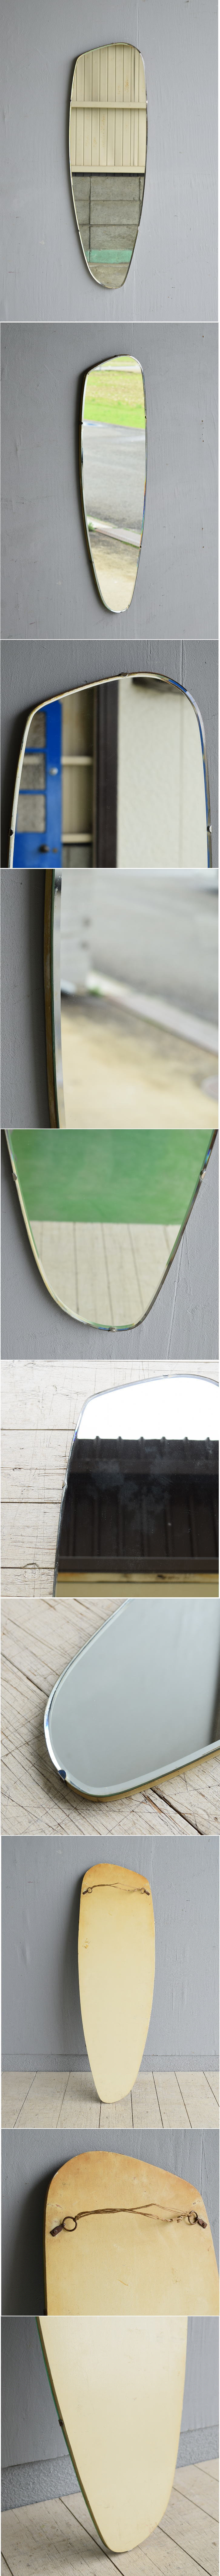 イギリス アンティーク  壁掛け ミラー 鏡 7904